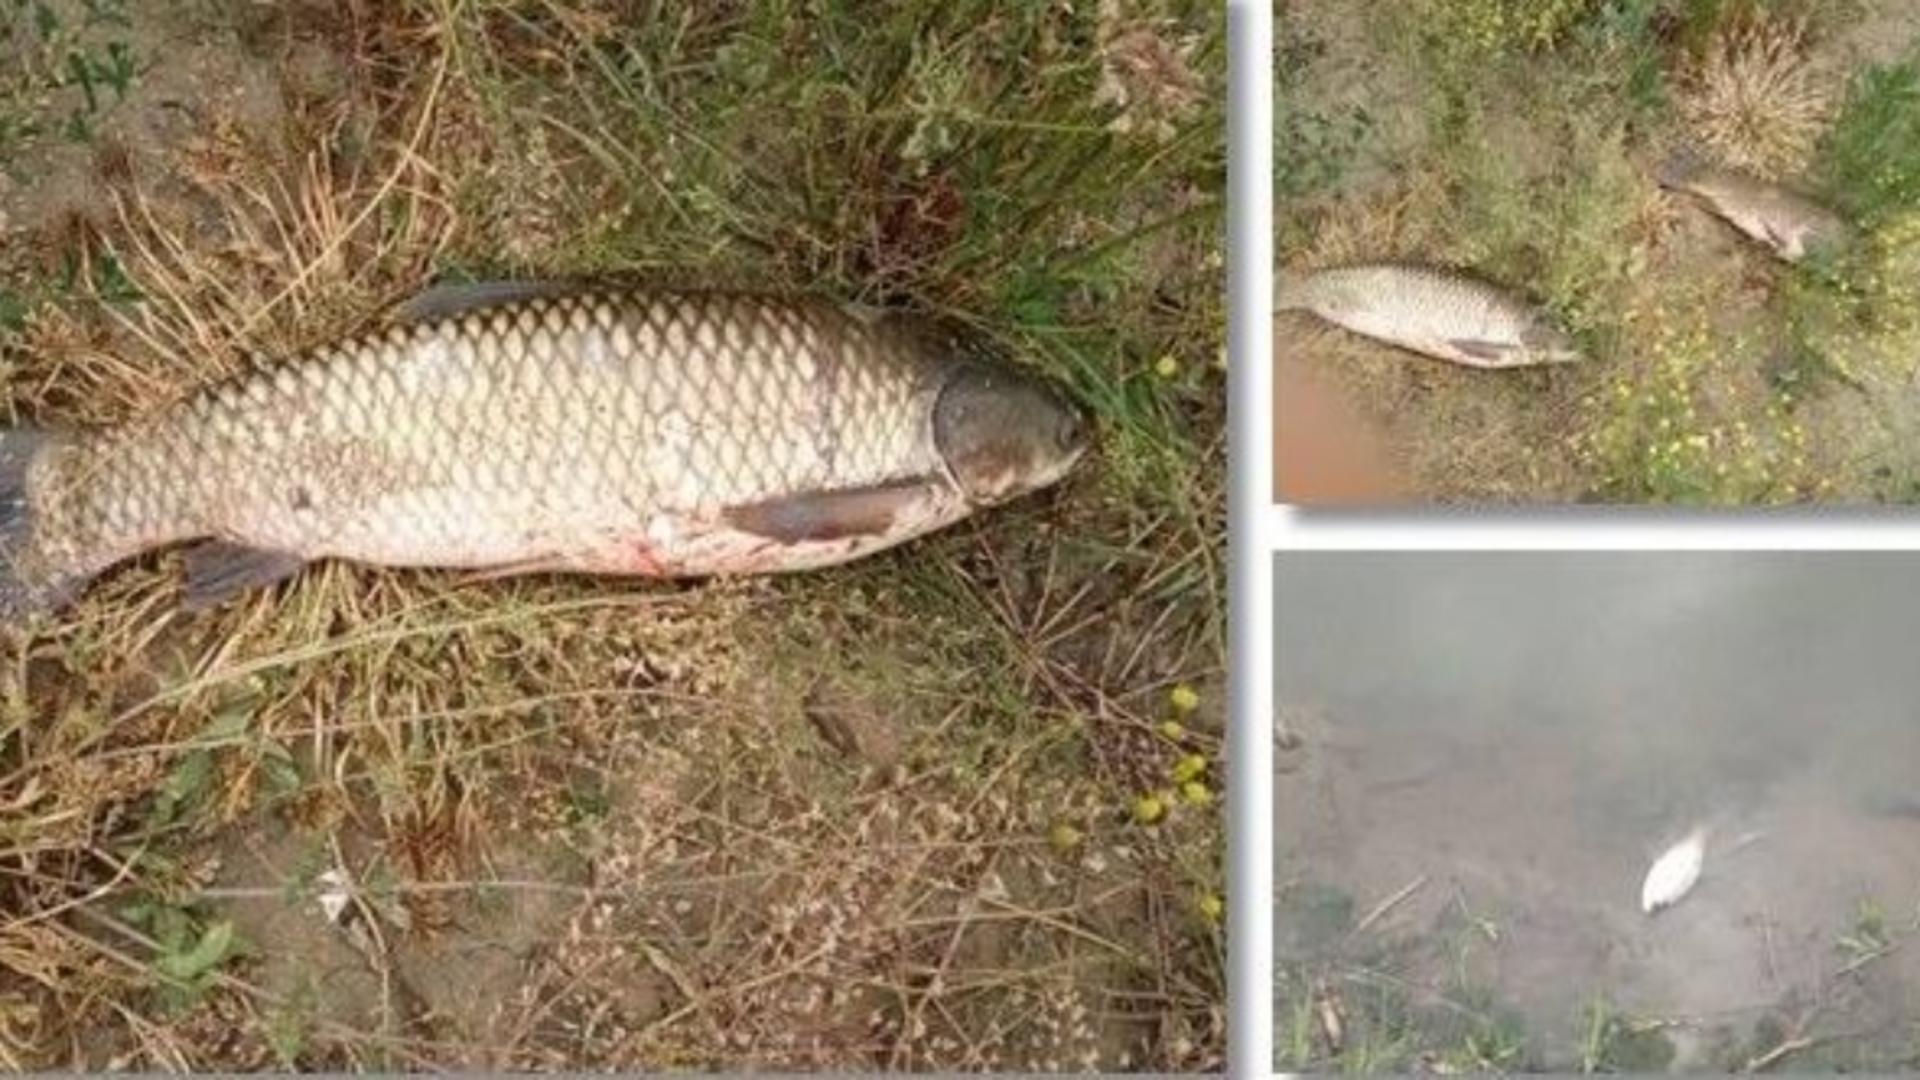 Comisarii Gărzii de Mediu au descoperit sute de peşti morţi pe marginea canalului / Foto: opiniatimisoarei.ro